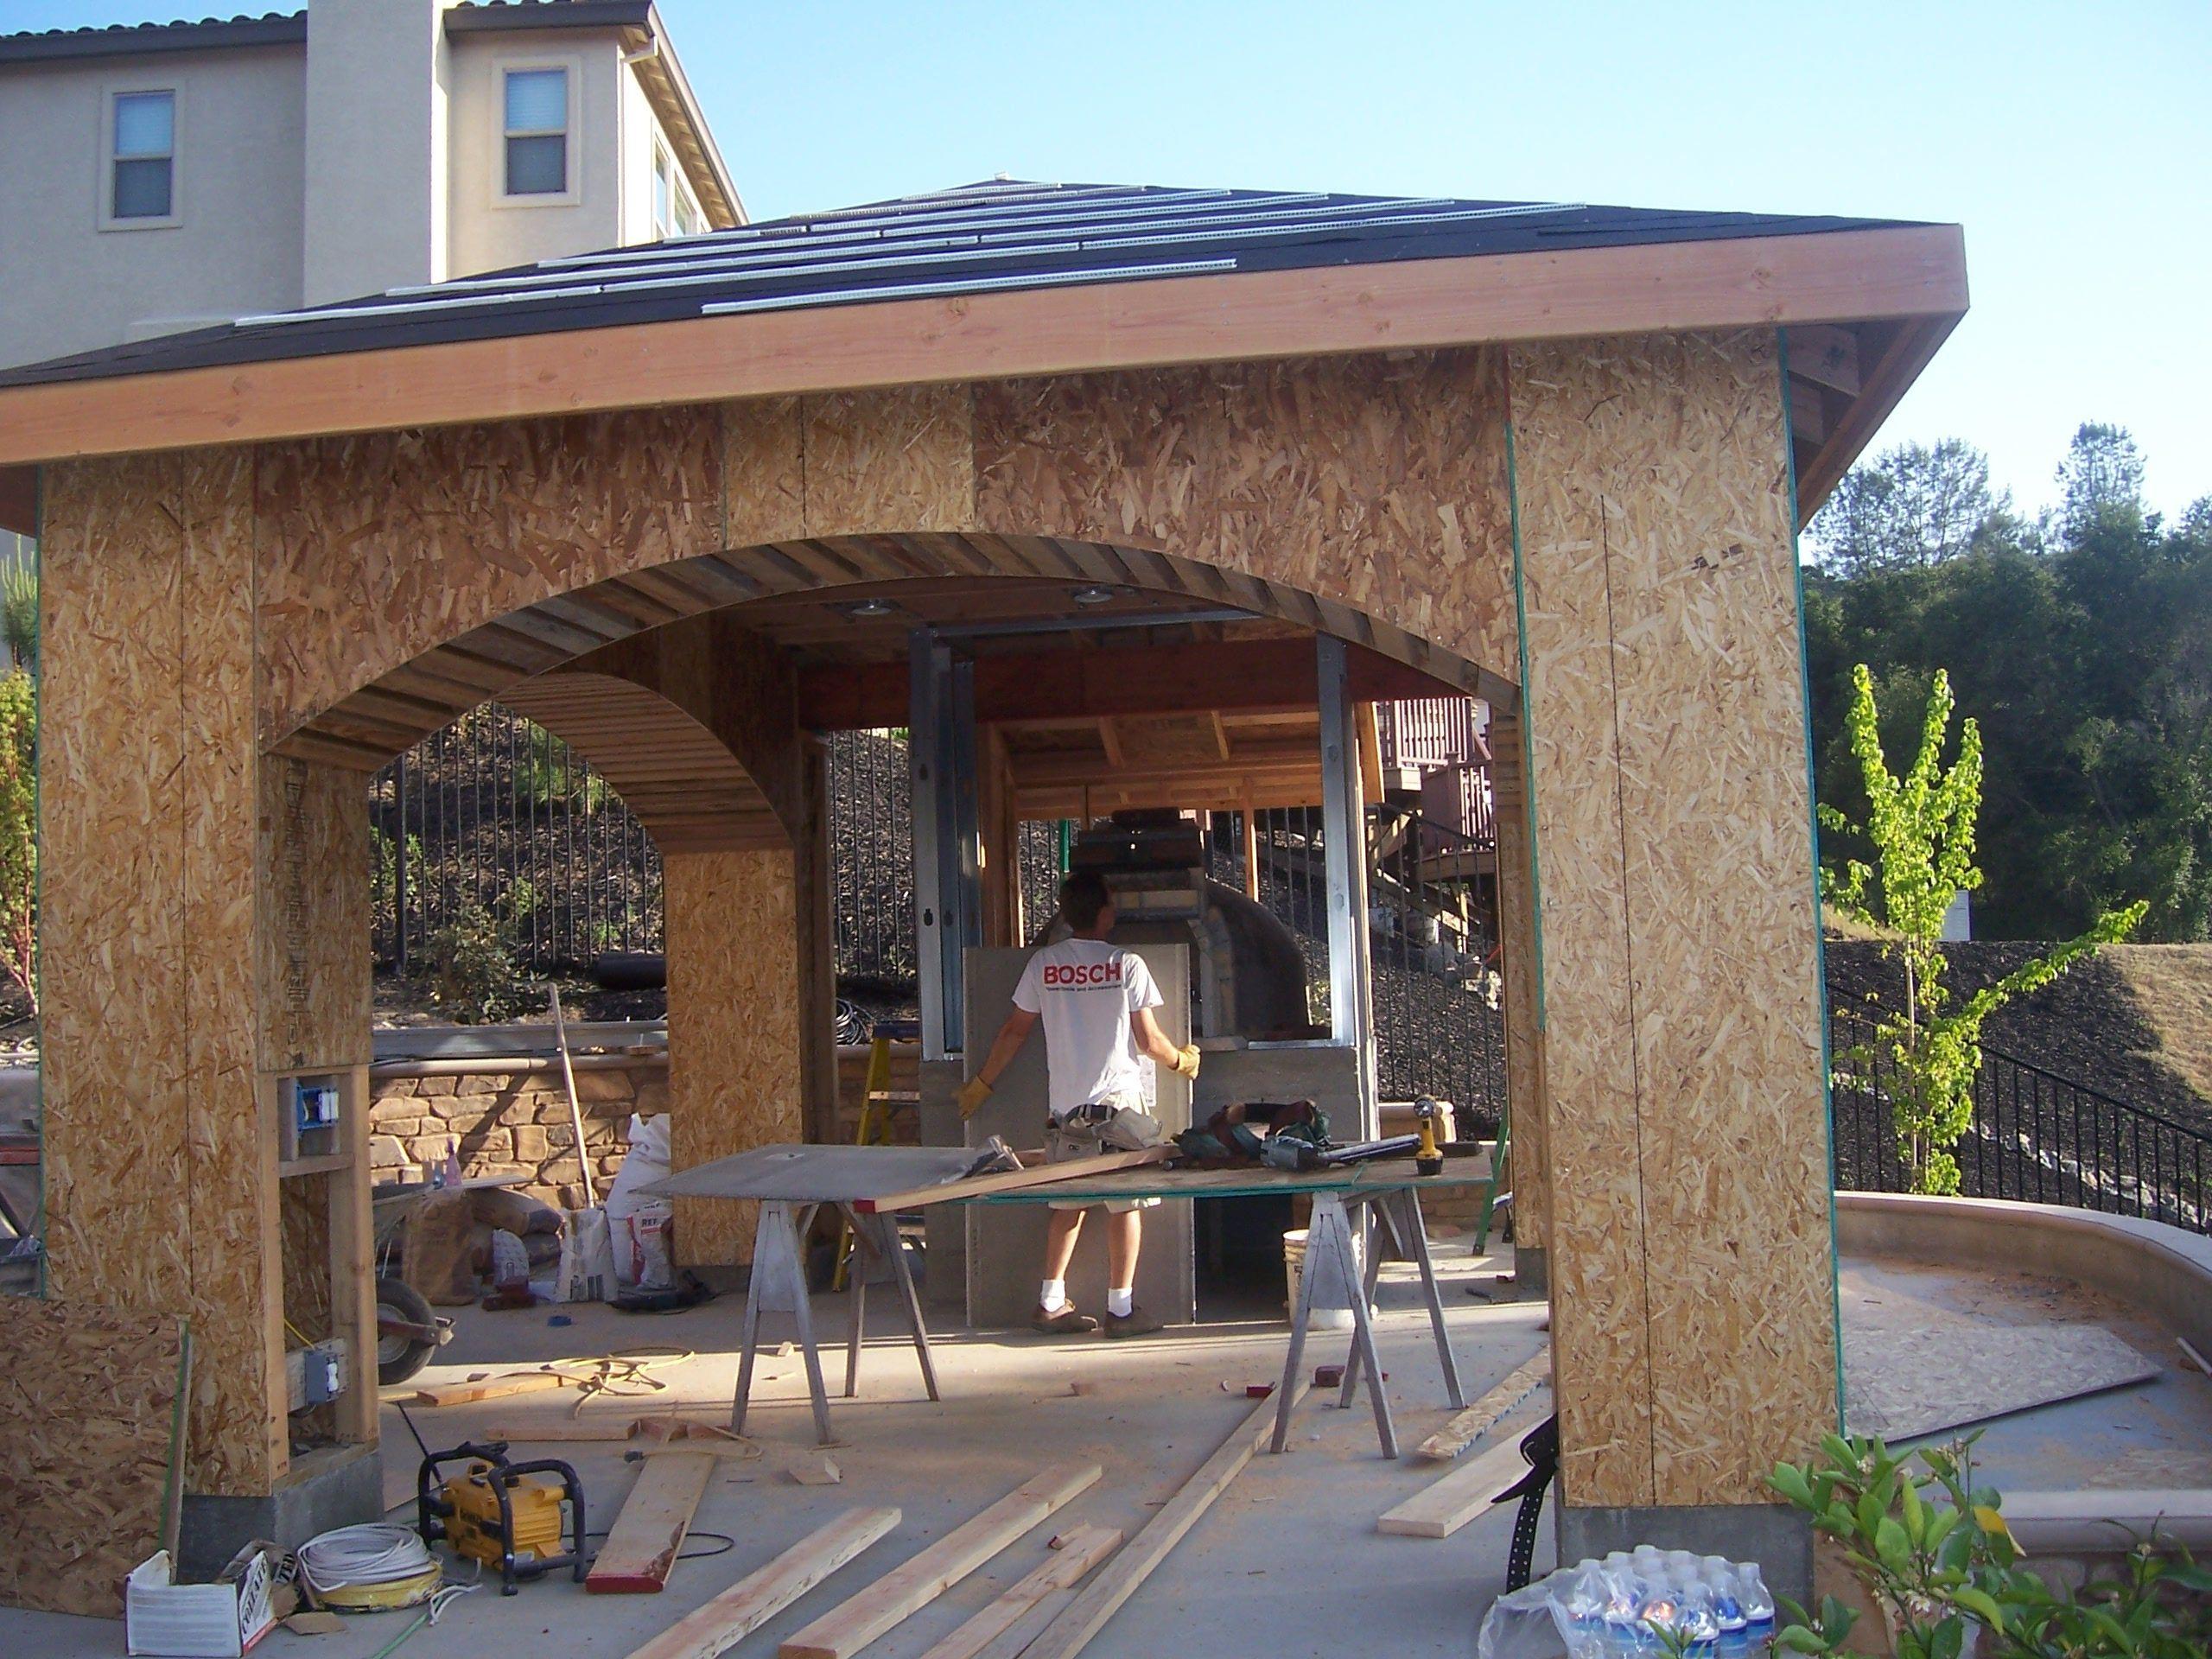 fabulous outdoor kitchens | outdoor kitchen - forno bravo forum: the